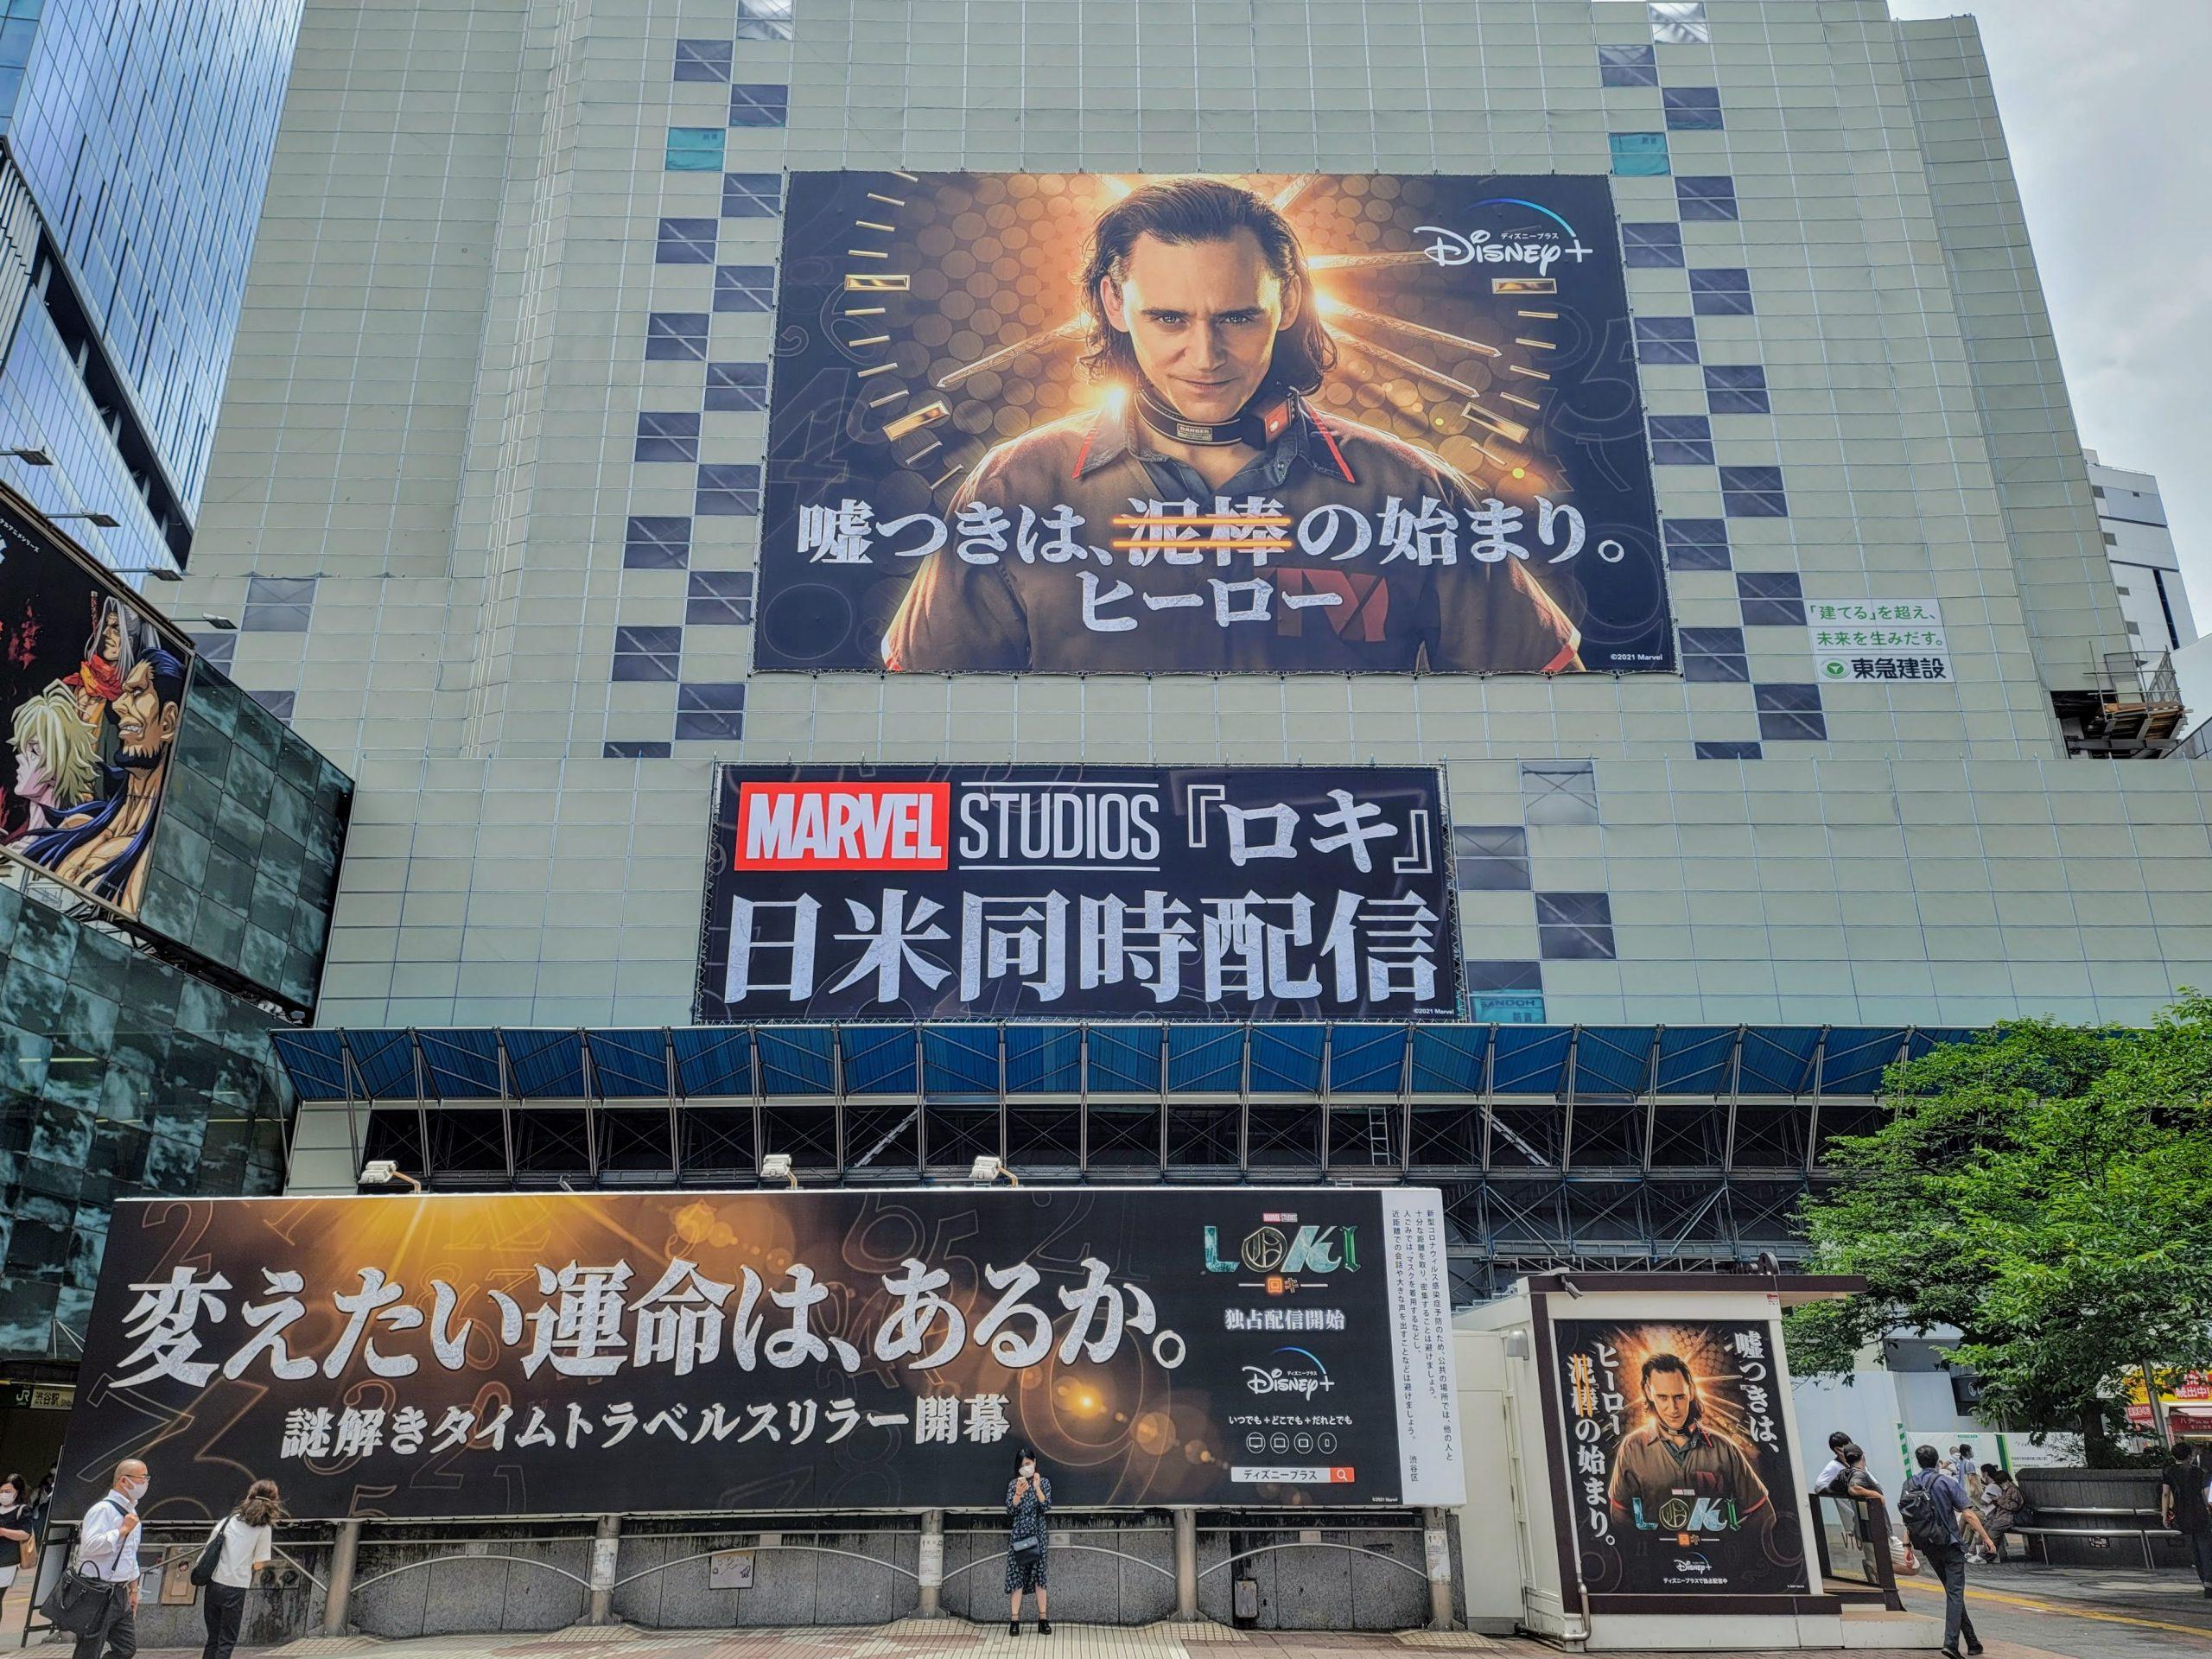 Loki from Disney+ and Marvel in Shibuya. Tokyo